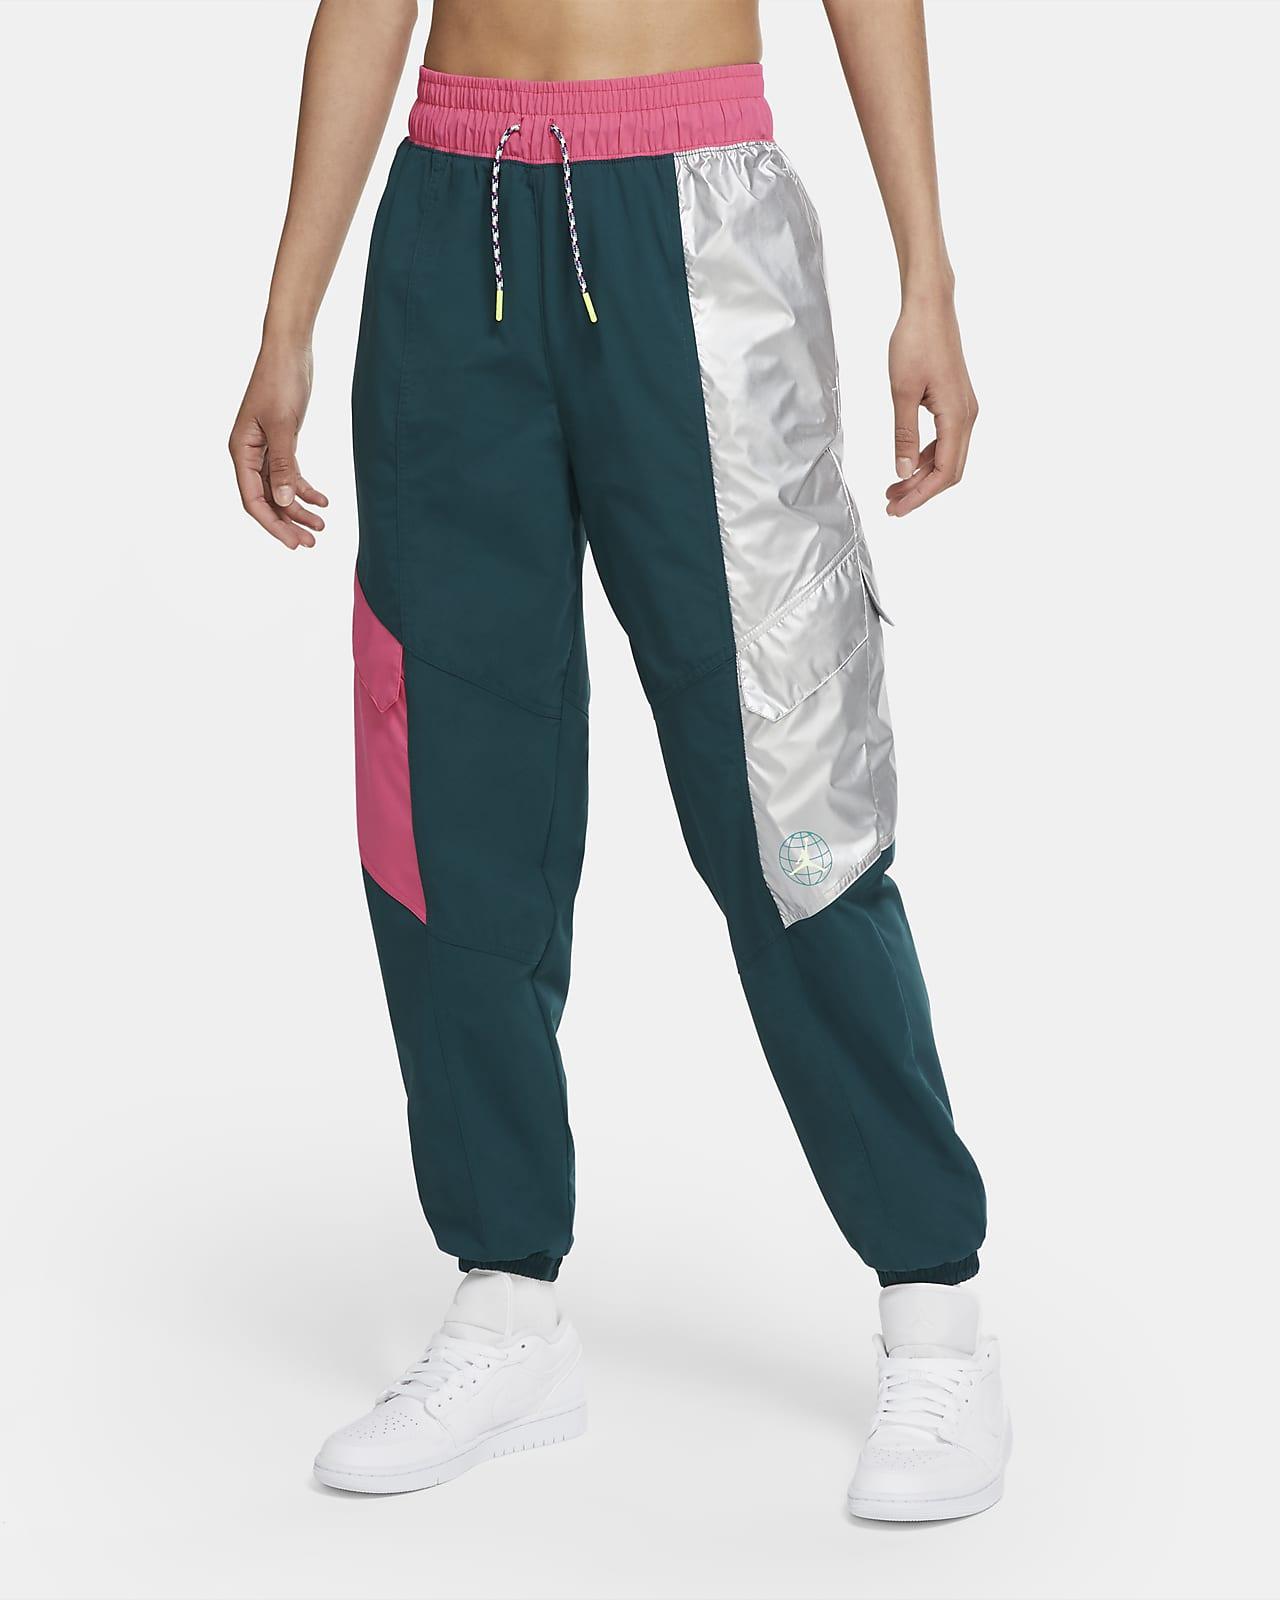 Pantalon Jordan Winter Utility pour Femme